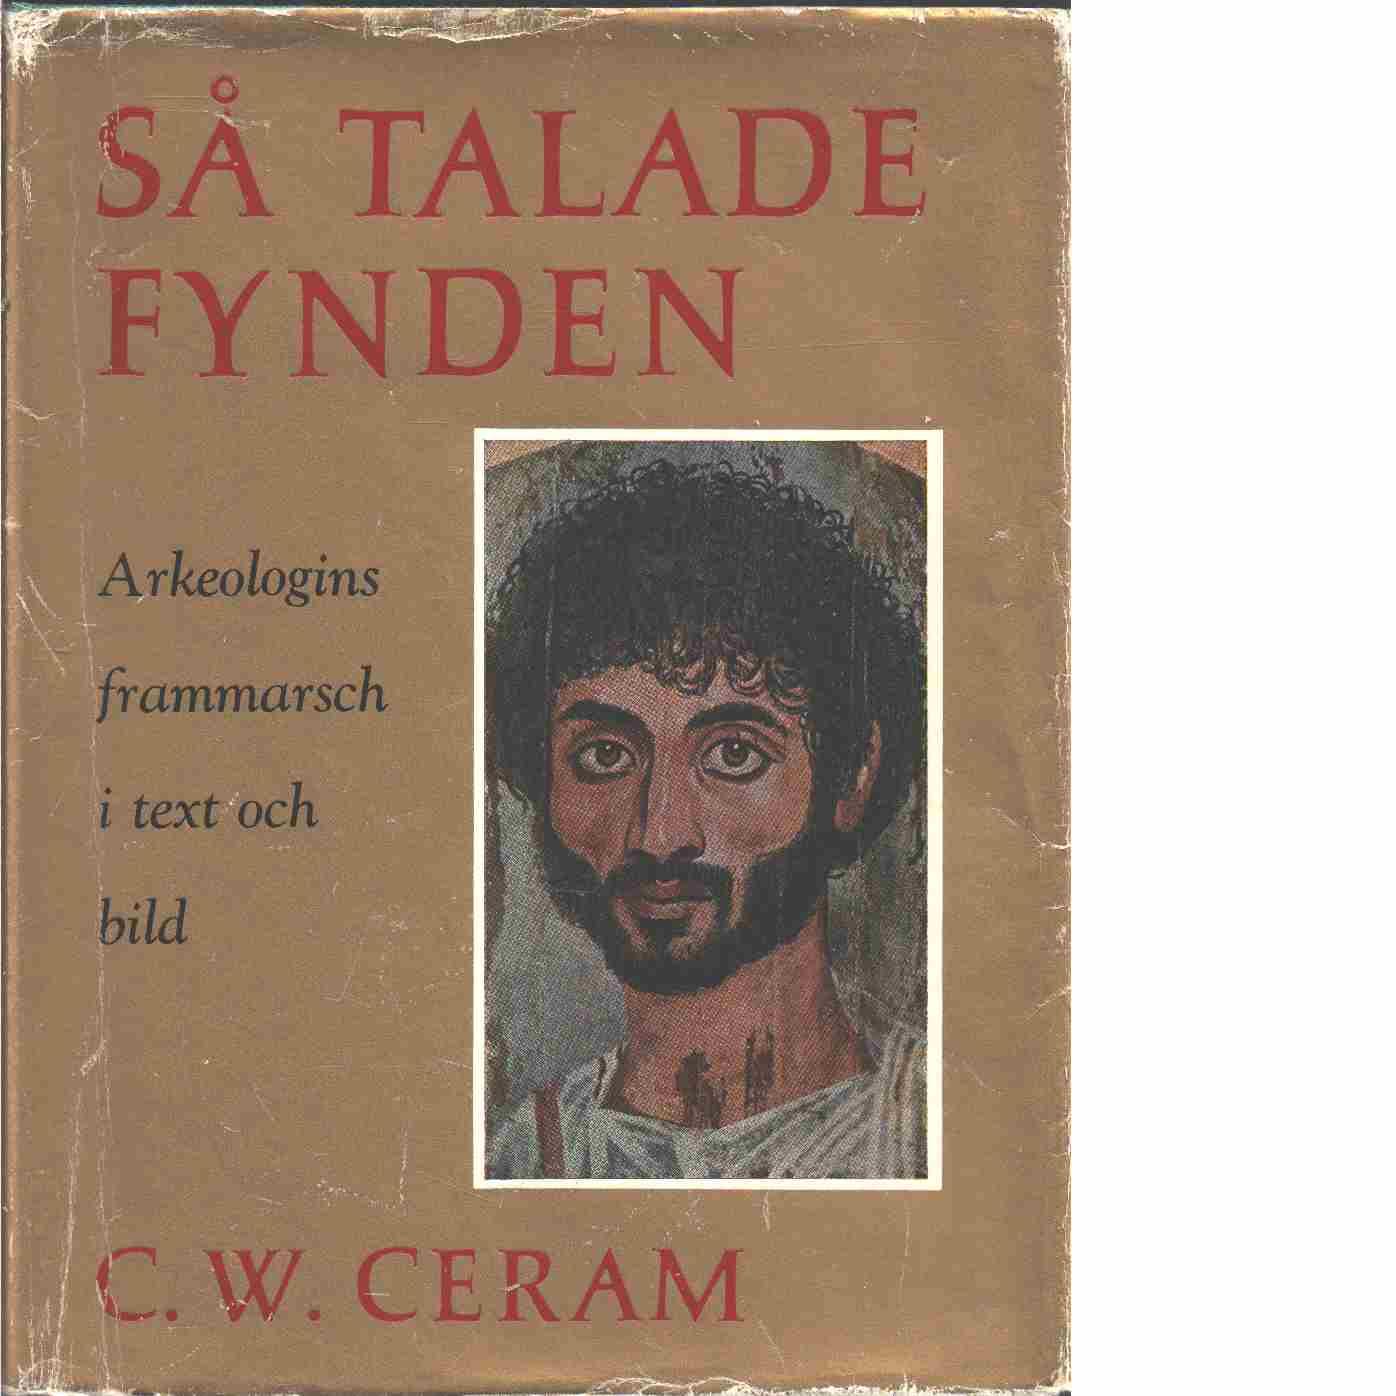 Så talade fynden : arkeologins frammarsch i text och bild - Ceram, C. W. och Marek, C. W.